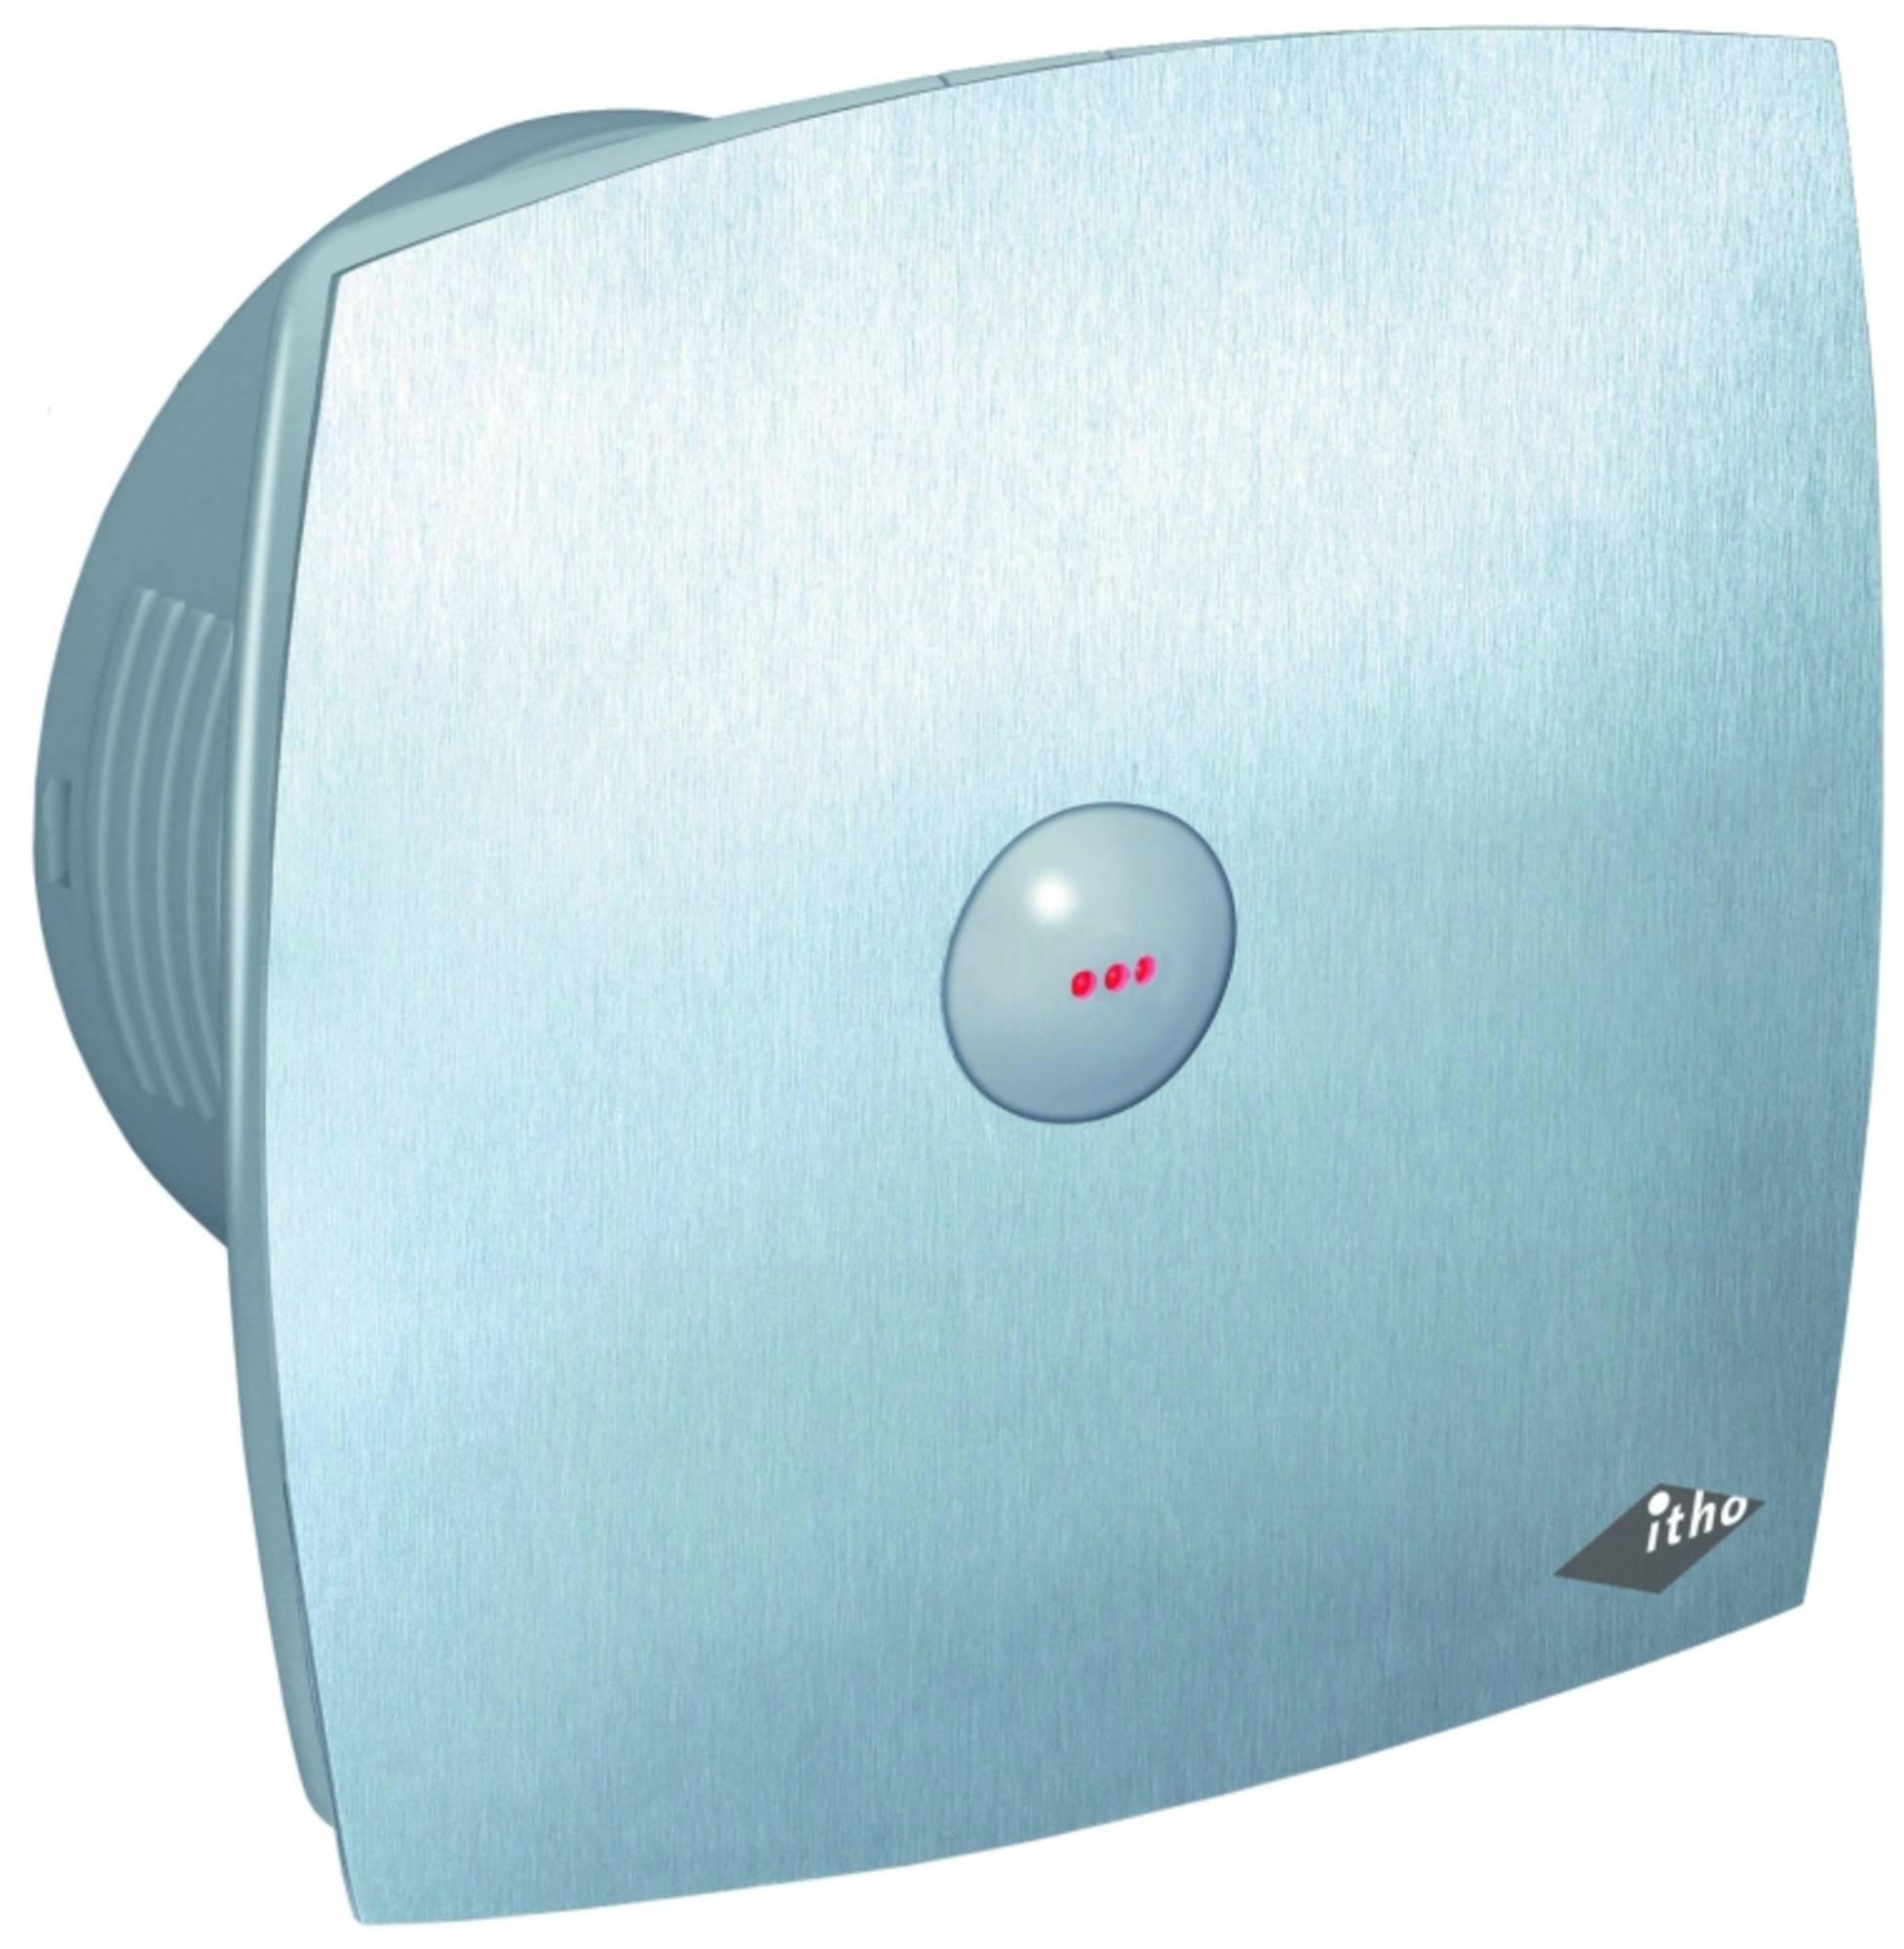 ITHO BTV 400 HT ht kanaalventilator nadraaitimer hygrostaat WIT (3420030)